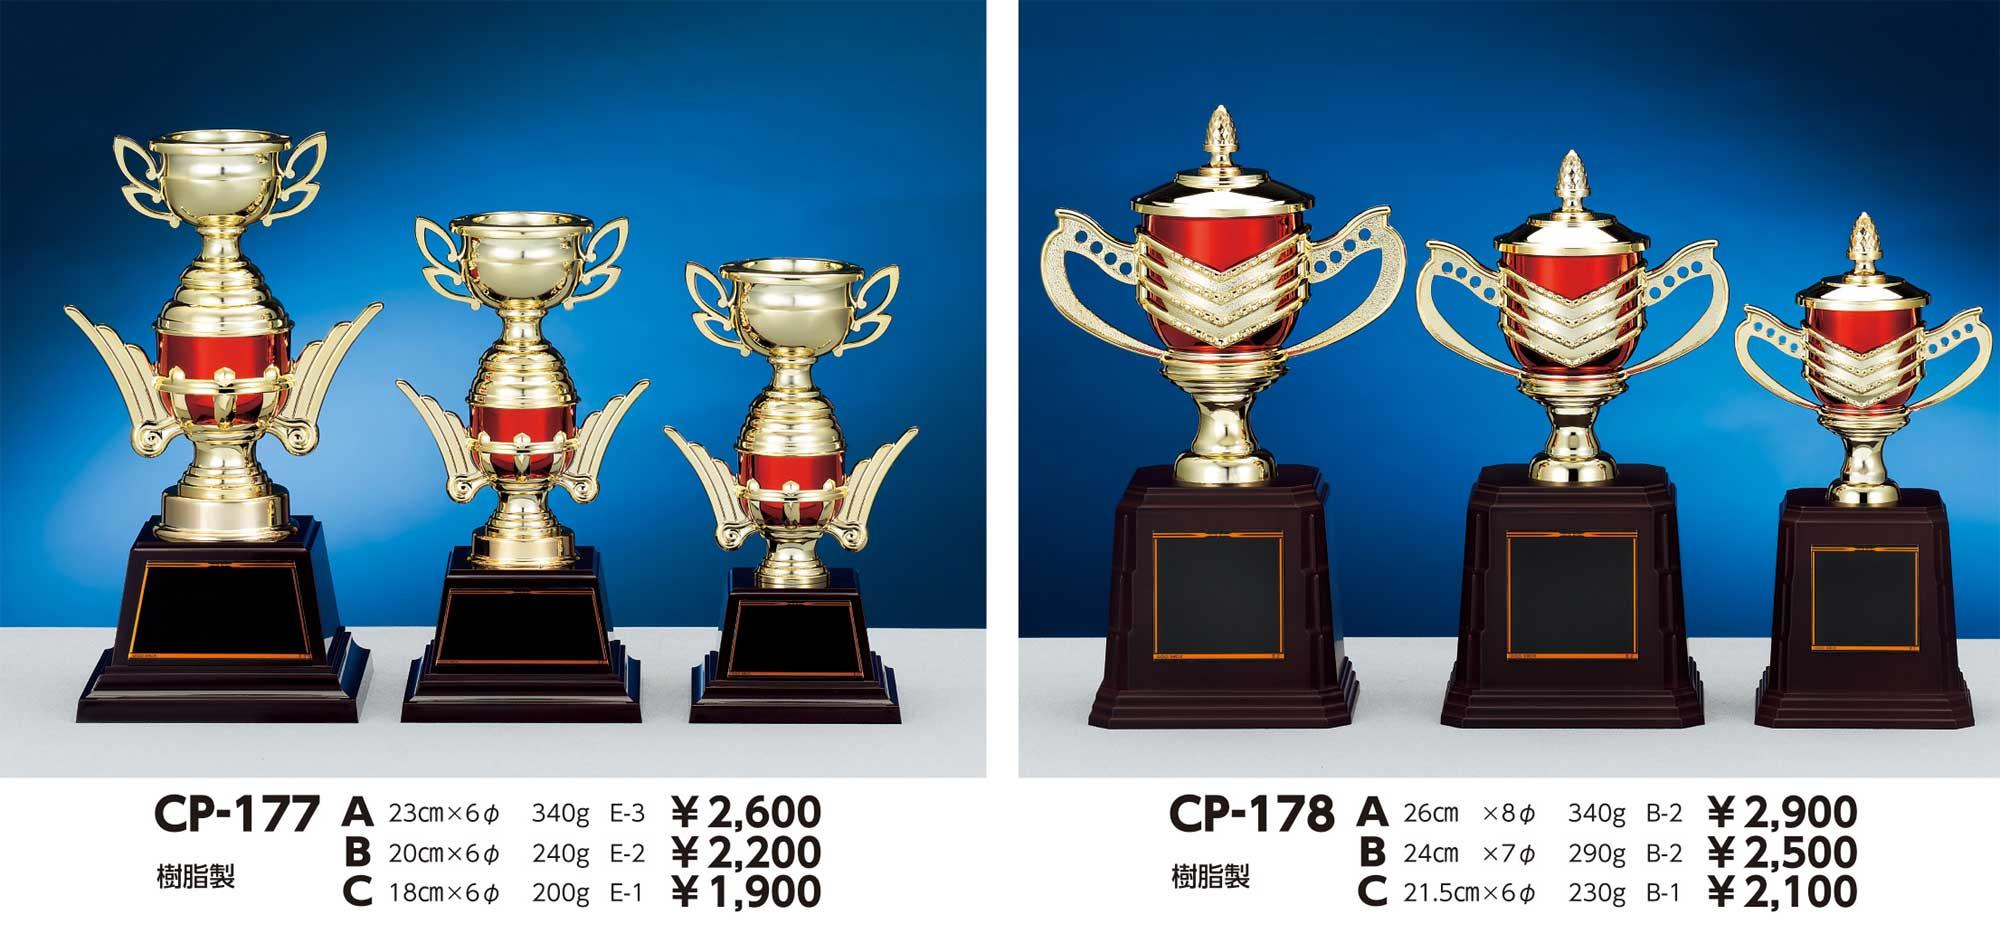 CP177、CP178